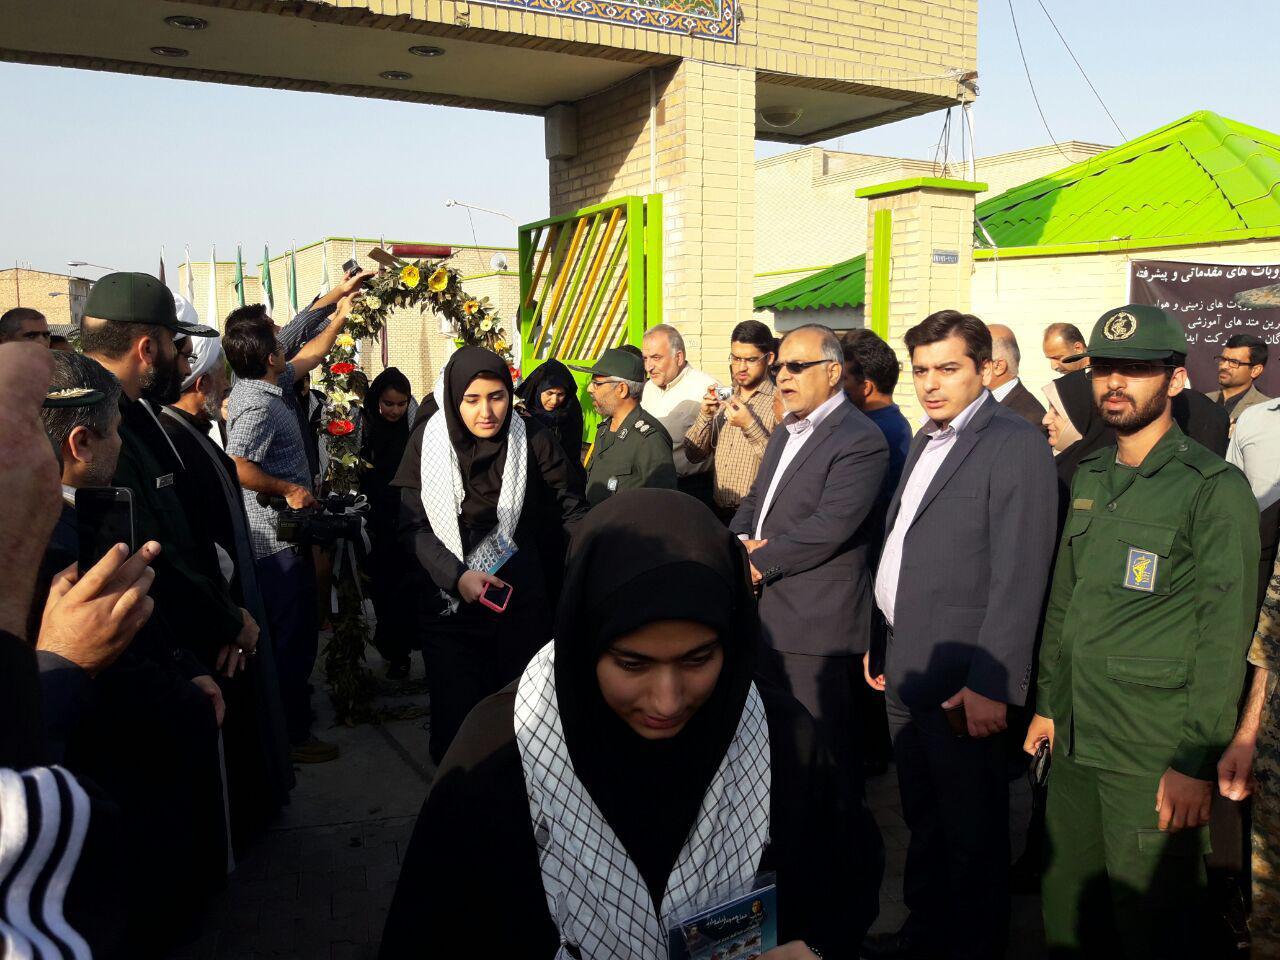 اعزام دختران دبیرستانی گرگان به مناطق عملیاتی غرب کشور4